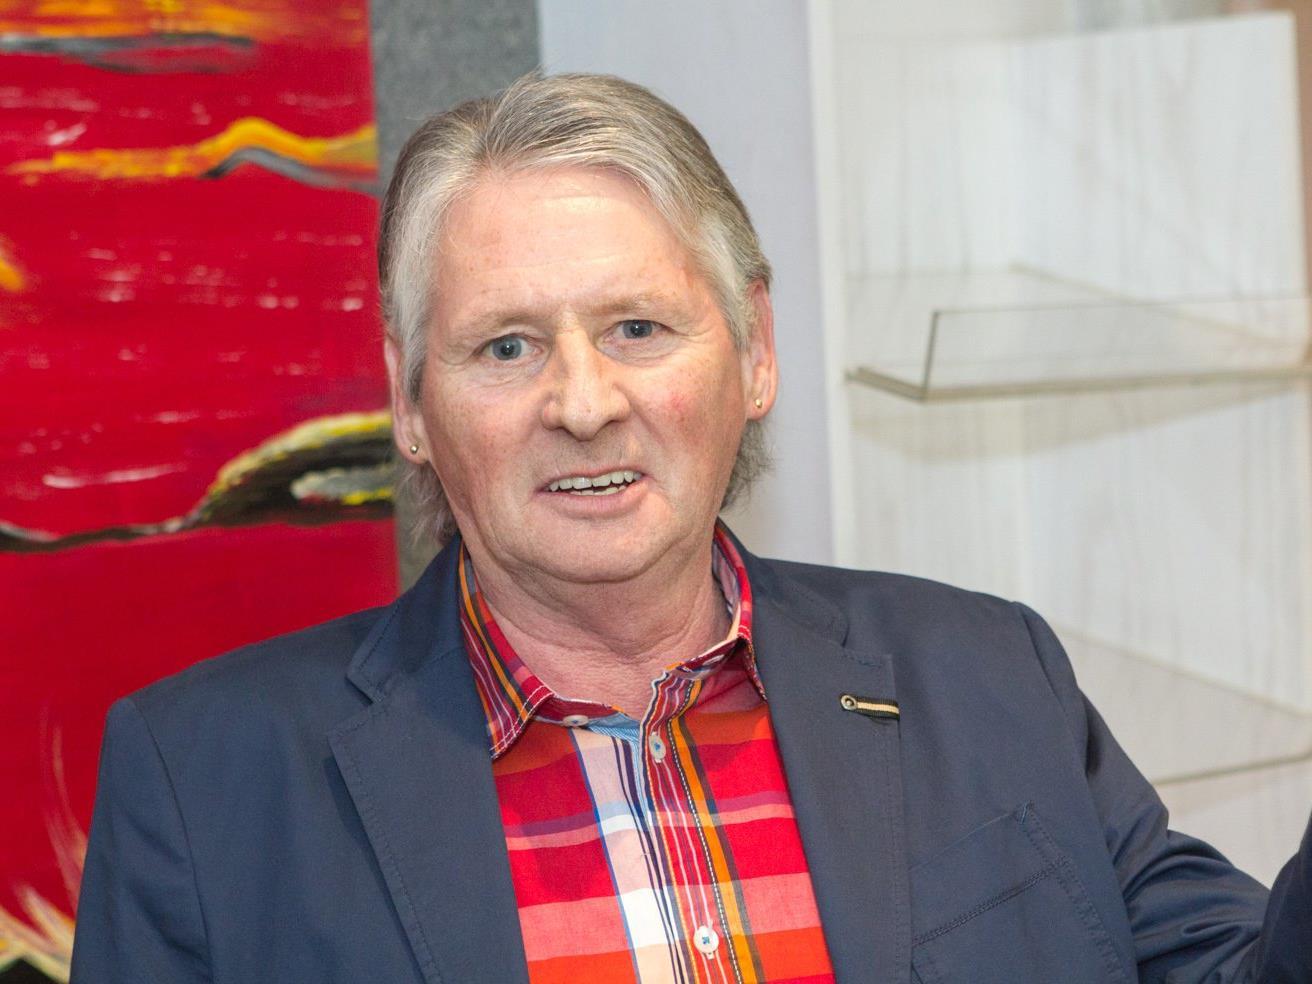 Der Vandans Peter Brandl lädt noch bis zum 27.04. zum Besuch seiner Bilderausstellung